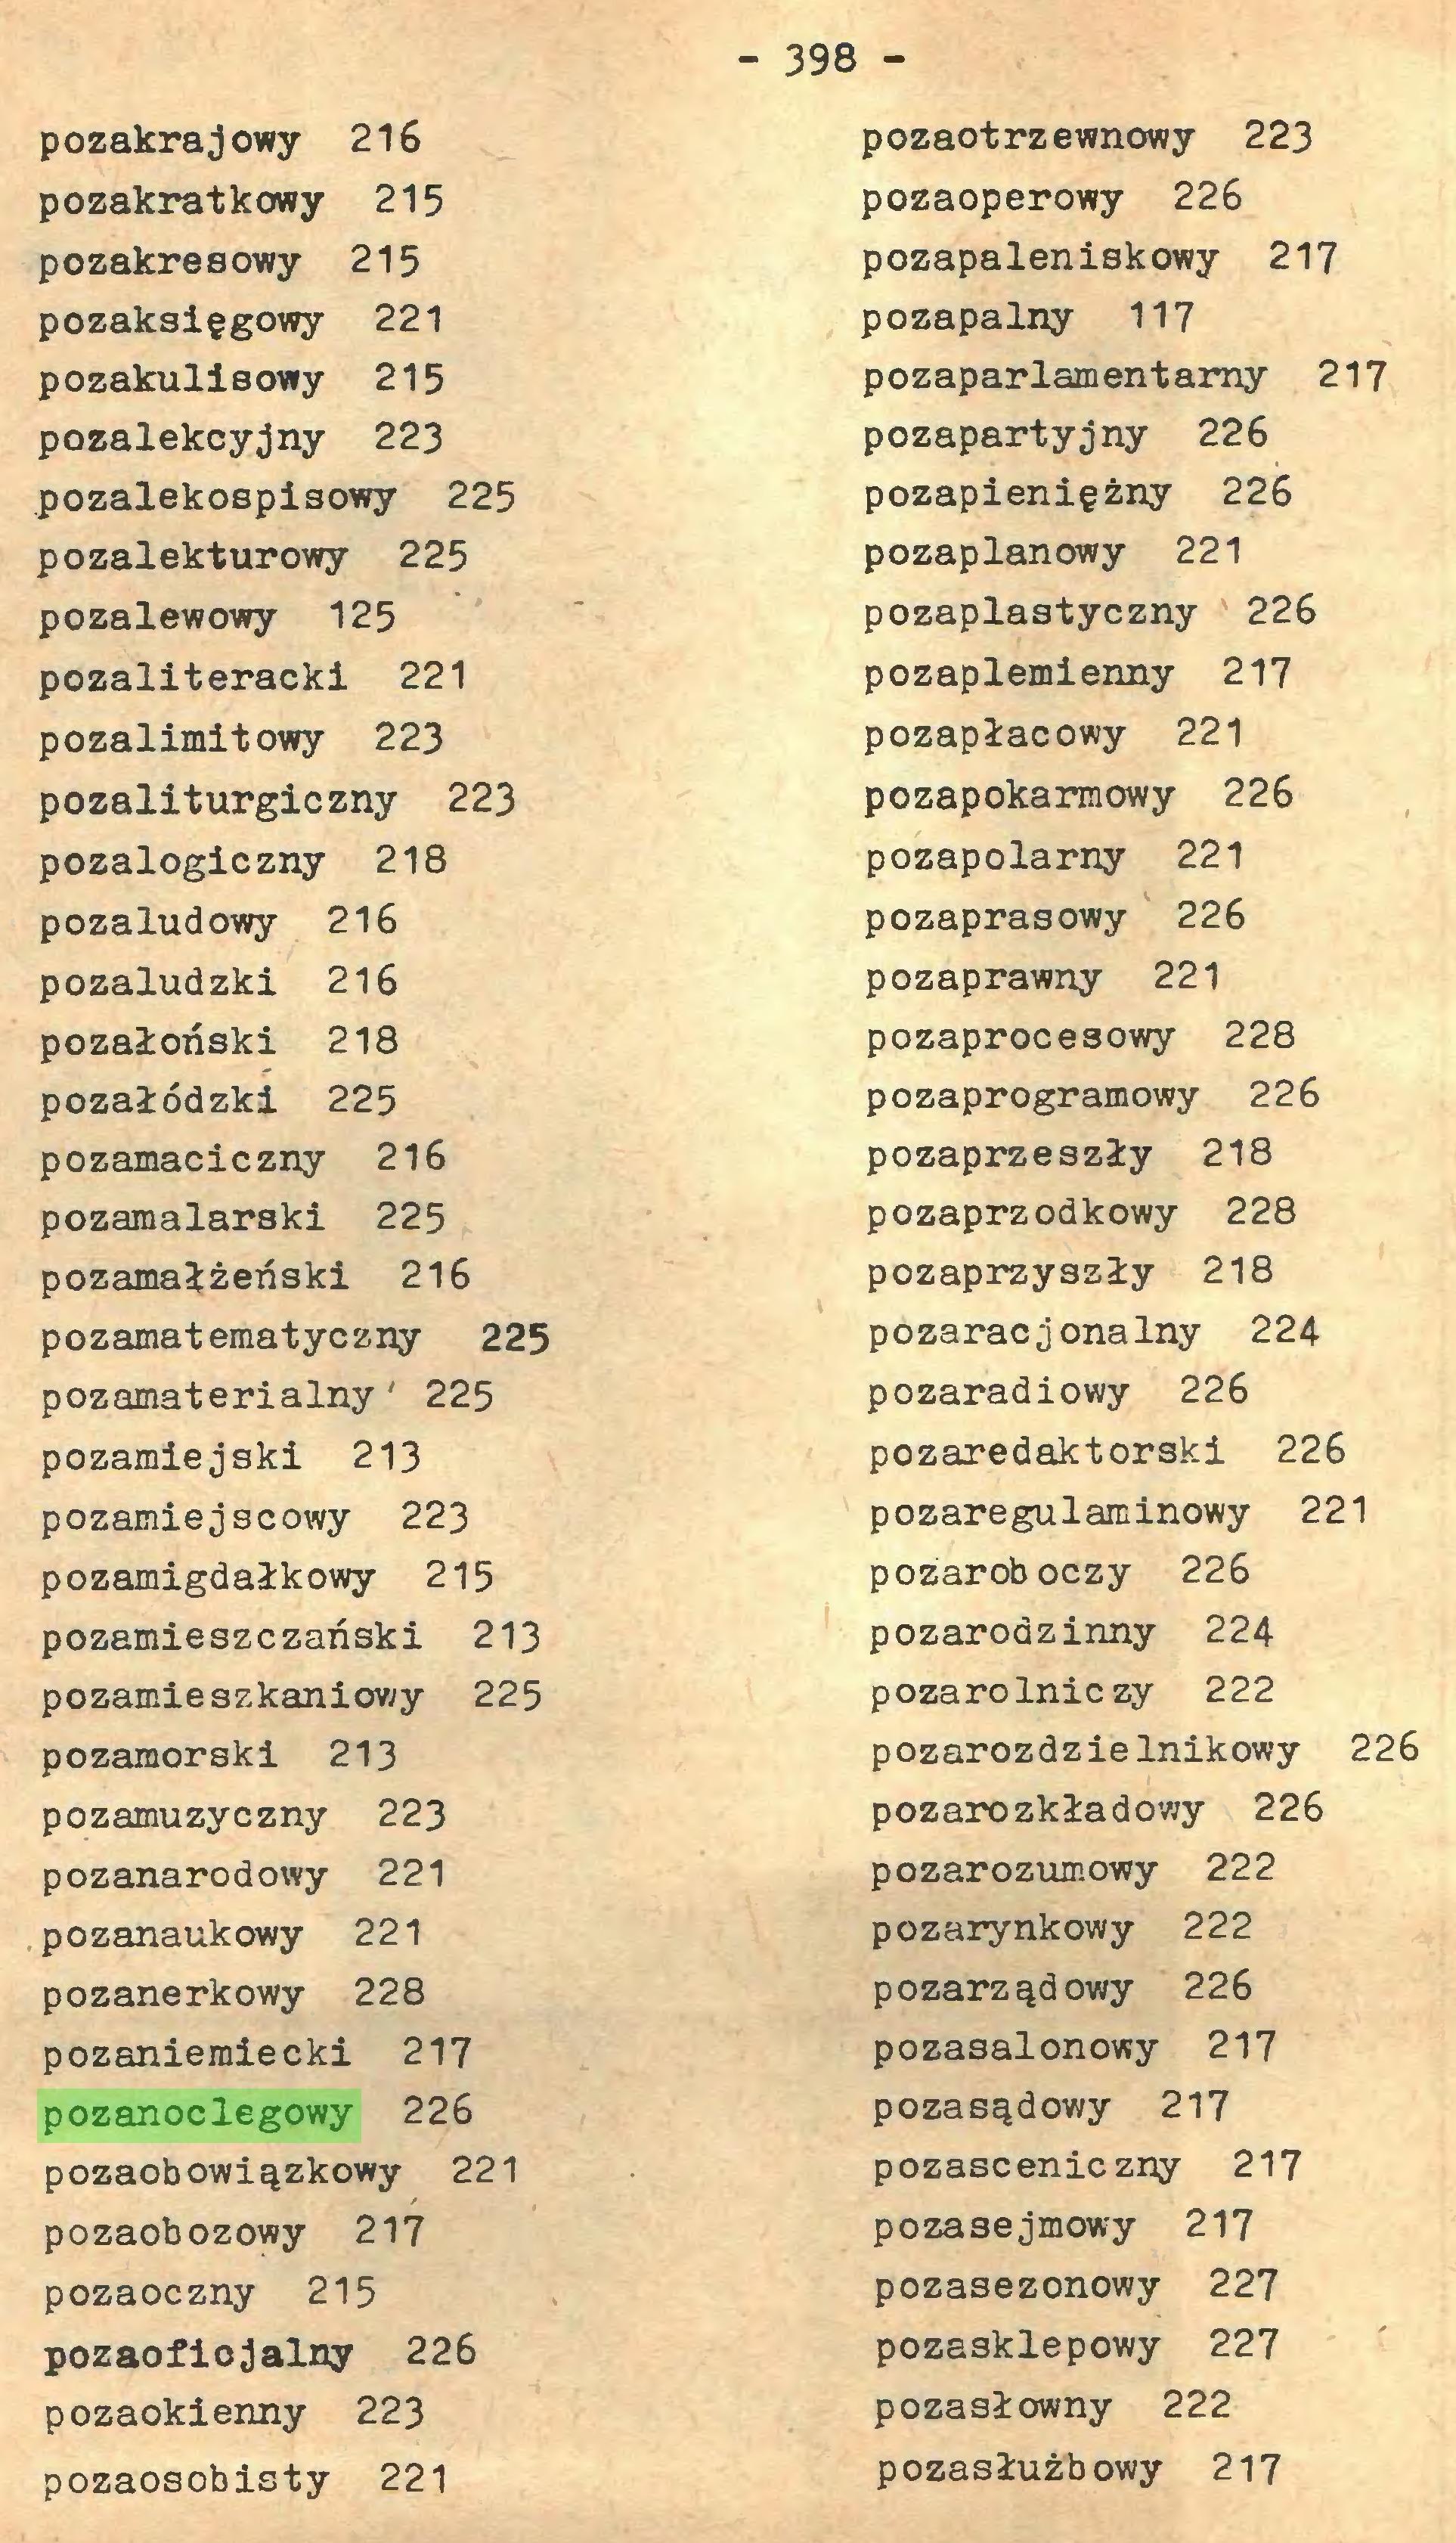 (...) - 398 pozakrajowy 216 pozakratkowy 215 pozakresowy 215 pozaksięgowy 221 pozakulisowy 215 pozalekcyjny 223 pozalekospisowy 225 pozalekturowy 225 pozalewowy 125 pozaliteracki 221 pozalimitowy 223 pozaliturgiczny 223 pozalogiczny 218 pozaludowy 216 pozaludzki 216 pozałoński 218 pozałódzki 225 pozamaciczny 216 pozamalarski 225 pozamałżeński 216 pozamatematyczny 225 pozamaterialny' 225 pozamiejski 213 pożarniejscowy 223 pozamigdałkowy 215 pozamieszczański 213 pożarnieszkaniowy 225 pozamorski 213 pozamuzyczny 223 pozanarodowy 221 pozanaukowy 221 pozanerkowy 228 pozaniemiecki 217 pozanoclegowy 226 pozaobowiązkowy 221 pozaobozowy 217 pozaoczny 215 pozaofiojalny 226 pozaokienny 223 pozaosobisty 221 pozaotrzewnowy 223 pozaoperowy 226 pozapaleniskowy 217 pozapalny 117 pozaparlamentarny 217 pozapartyjny 226 pozapieniężny 226 pozaplanowy 221 pozaplastyczny 226 pozaplemienny 217 pozapłacowy 221 pozapokarmowy 226 pozapolarny 221 pozaprasowy 226 pozaprawny 221 pozaprocesowy 228 pozaprogramowy 226 pozaprzeszły 218 pozaprzodkowy 228 pozaprzyszły 218 pozaracjonalny 224 pozaradiowy 226 pozaredaktorski 226 pozaregulaminowy 221 pożaroboczy 226 pozarodzinny 224 pozarolniczy 222 pozarozdzielnikowy 226 pozarozkładowy 226 pożarozumowy 222 pozarynkowy 222 pozarządowy 226 pozasalonowy 217 pozasądowy 217 pozasceniczny 217 pozasejmowy 217 pozasezonowy 227 pozasklepowy 227 pozasłowny 222 pozasłużbowy 217...